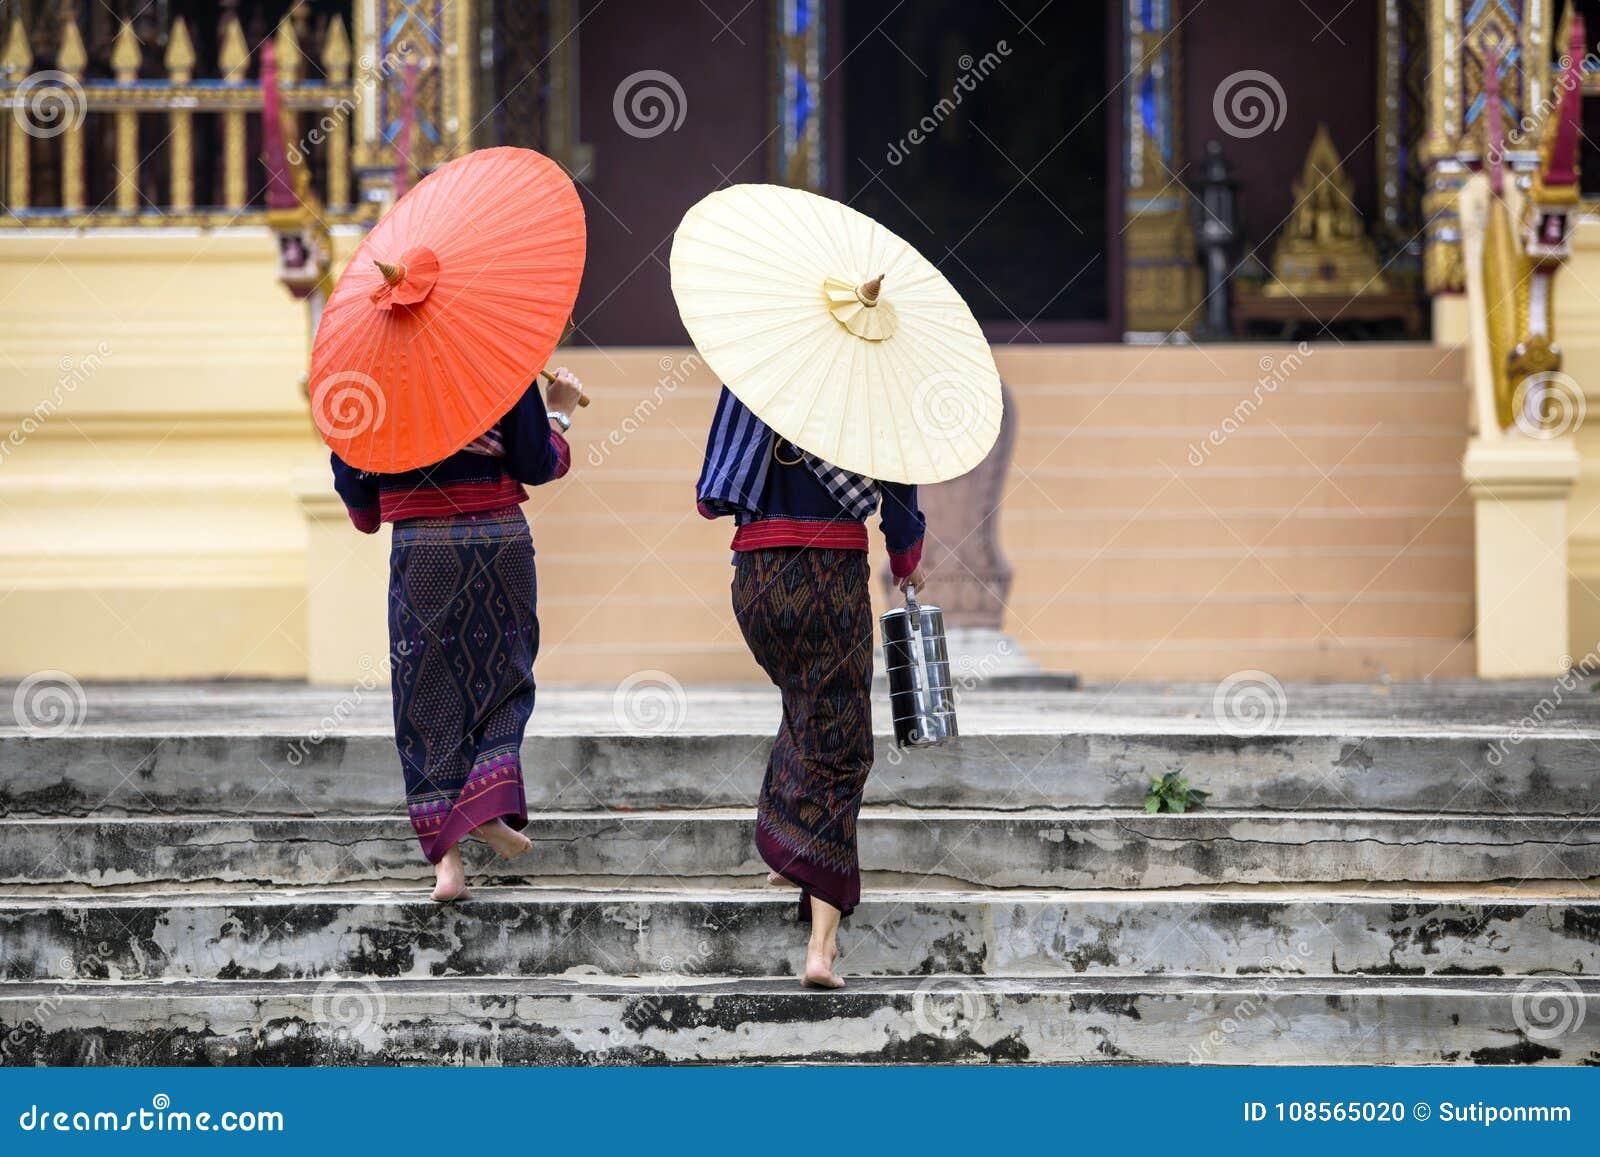 Tajlandia Buddyjscy ludzie iść świątynna kultura azjata